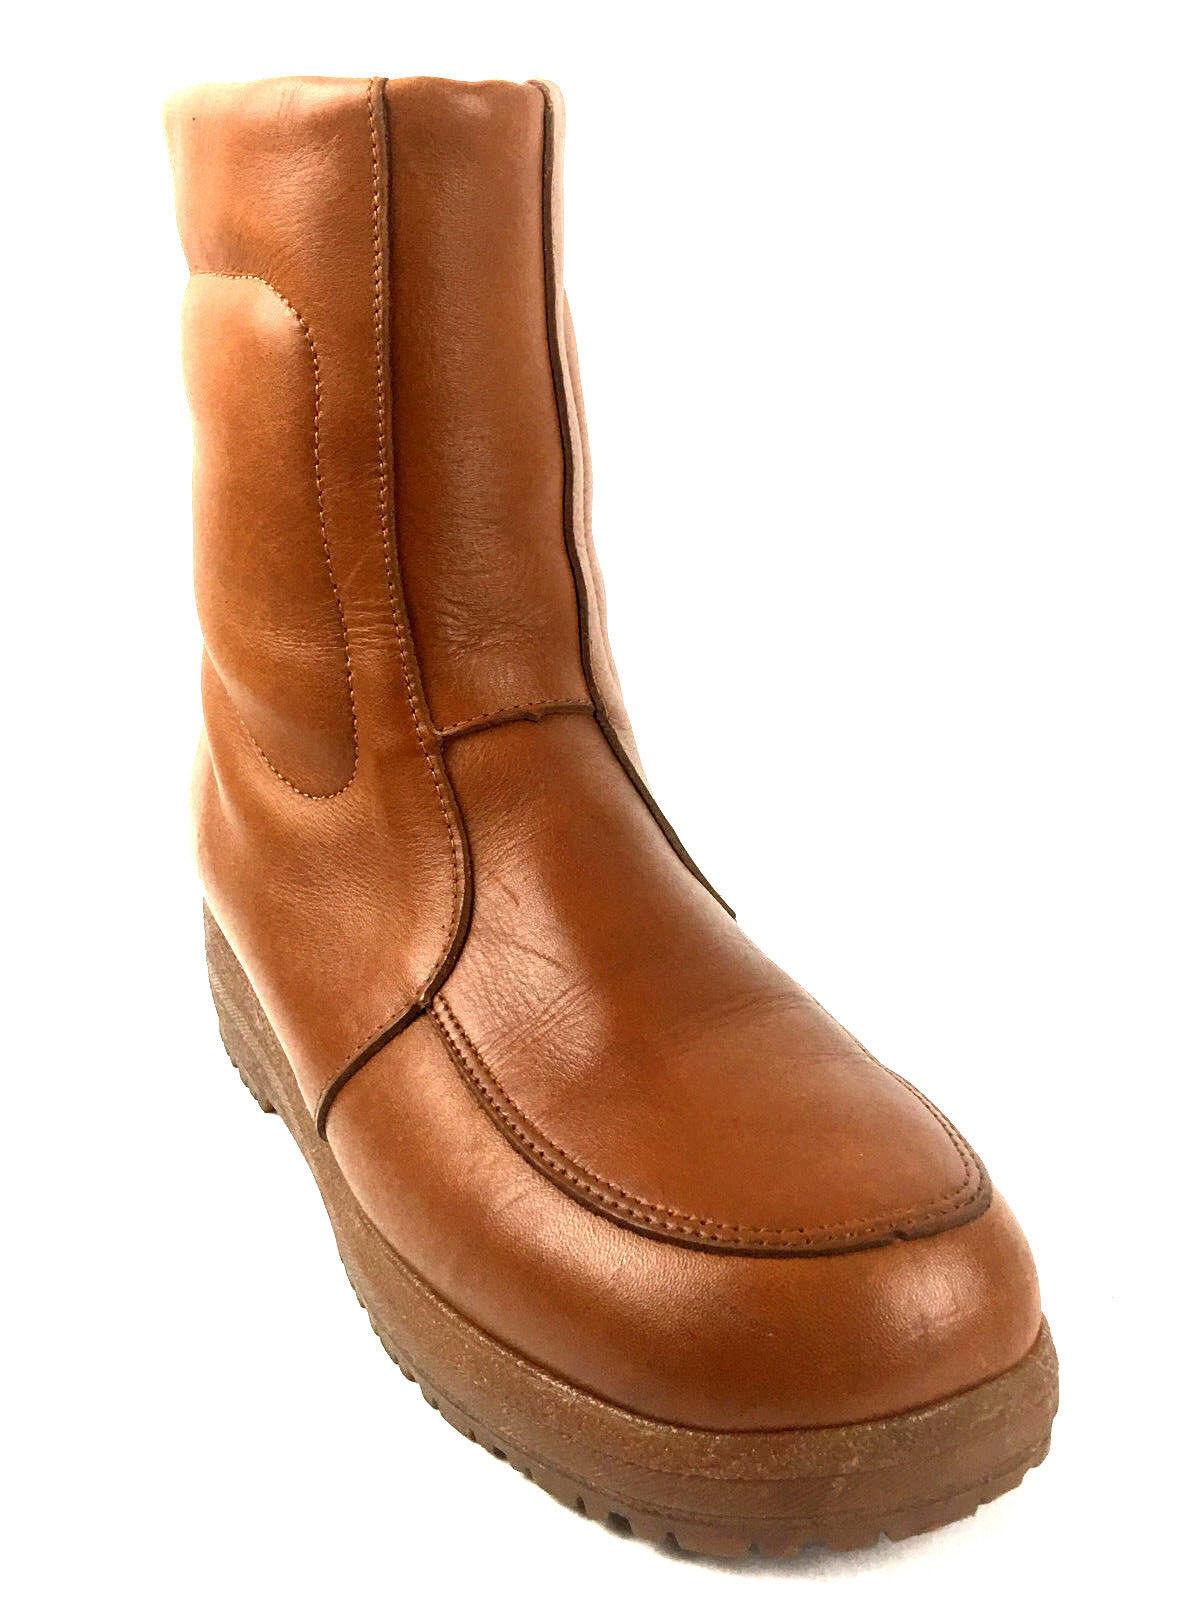 Blondo Mid Calf Tan Side Zip  Wedge Heel boots Size US. 9 EUR. 42 UK.8.5